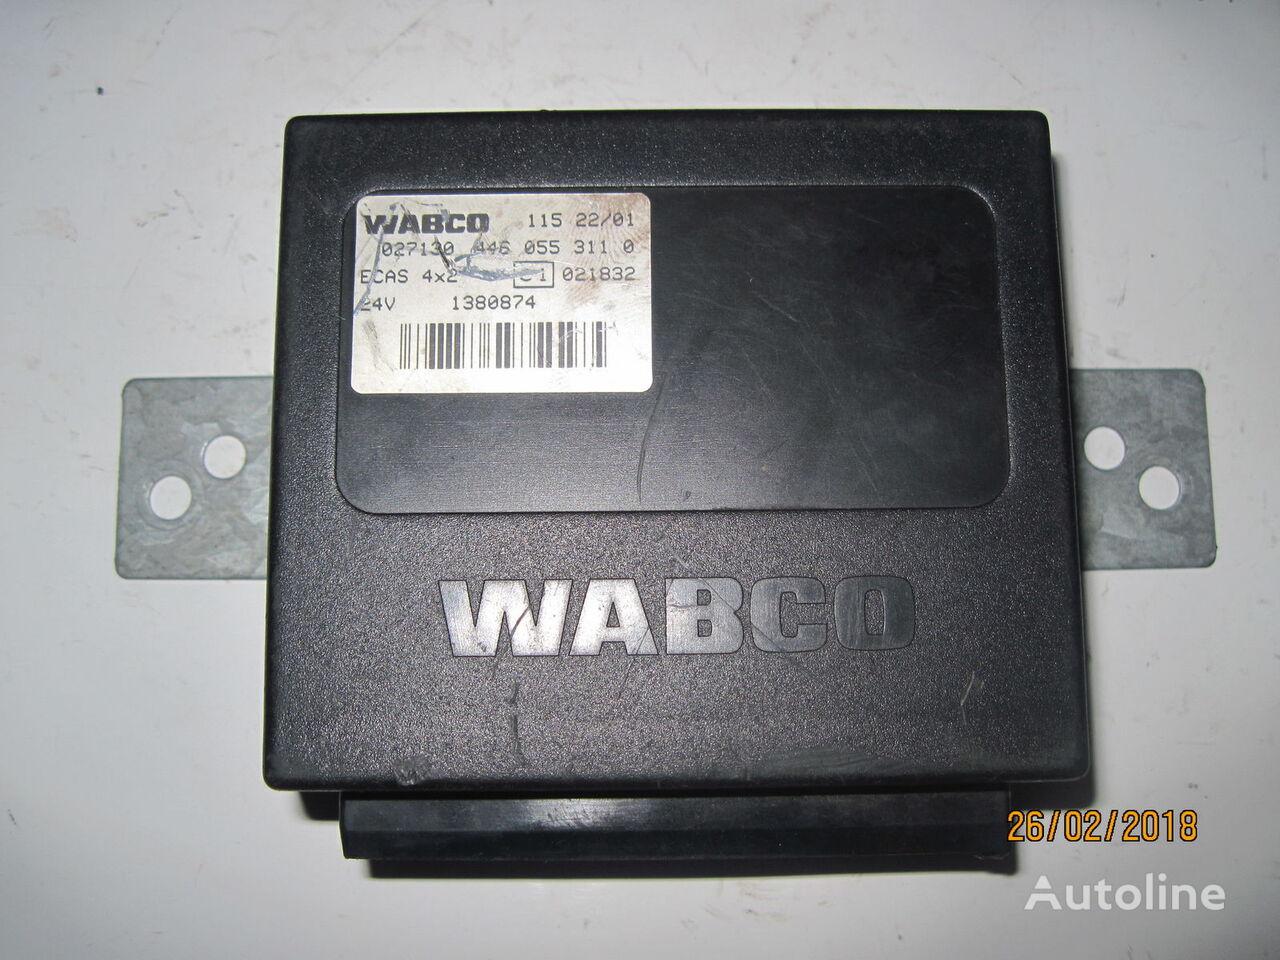 WABCO upravljačka jedinica za DAF tegljača